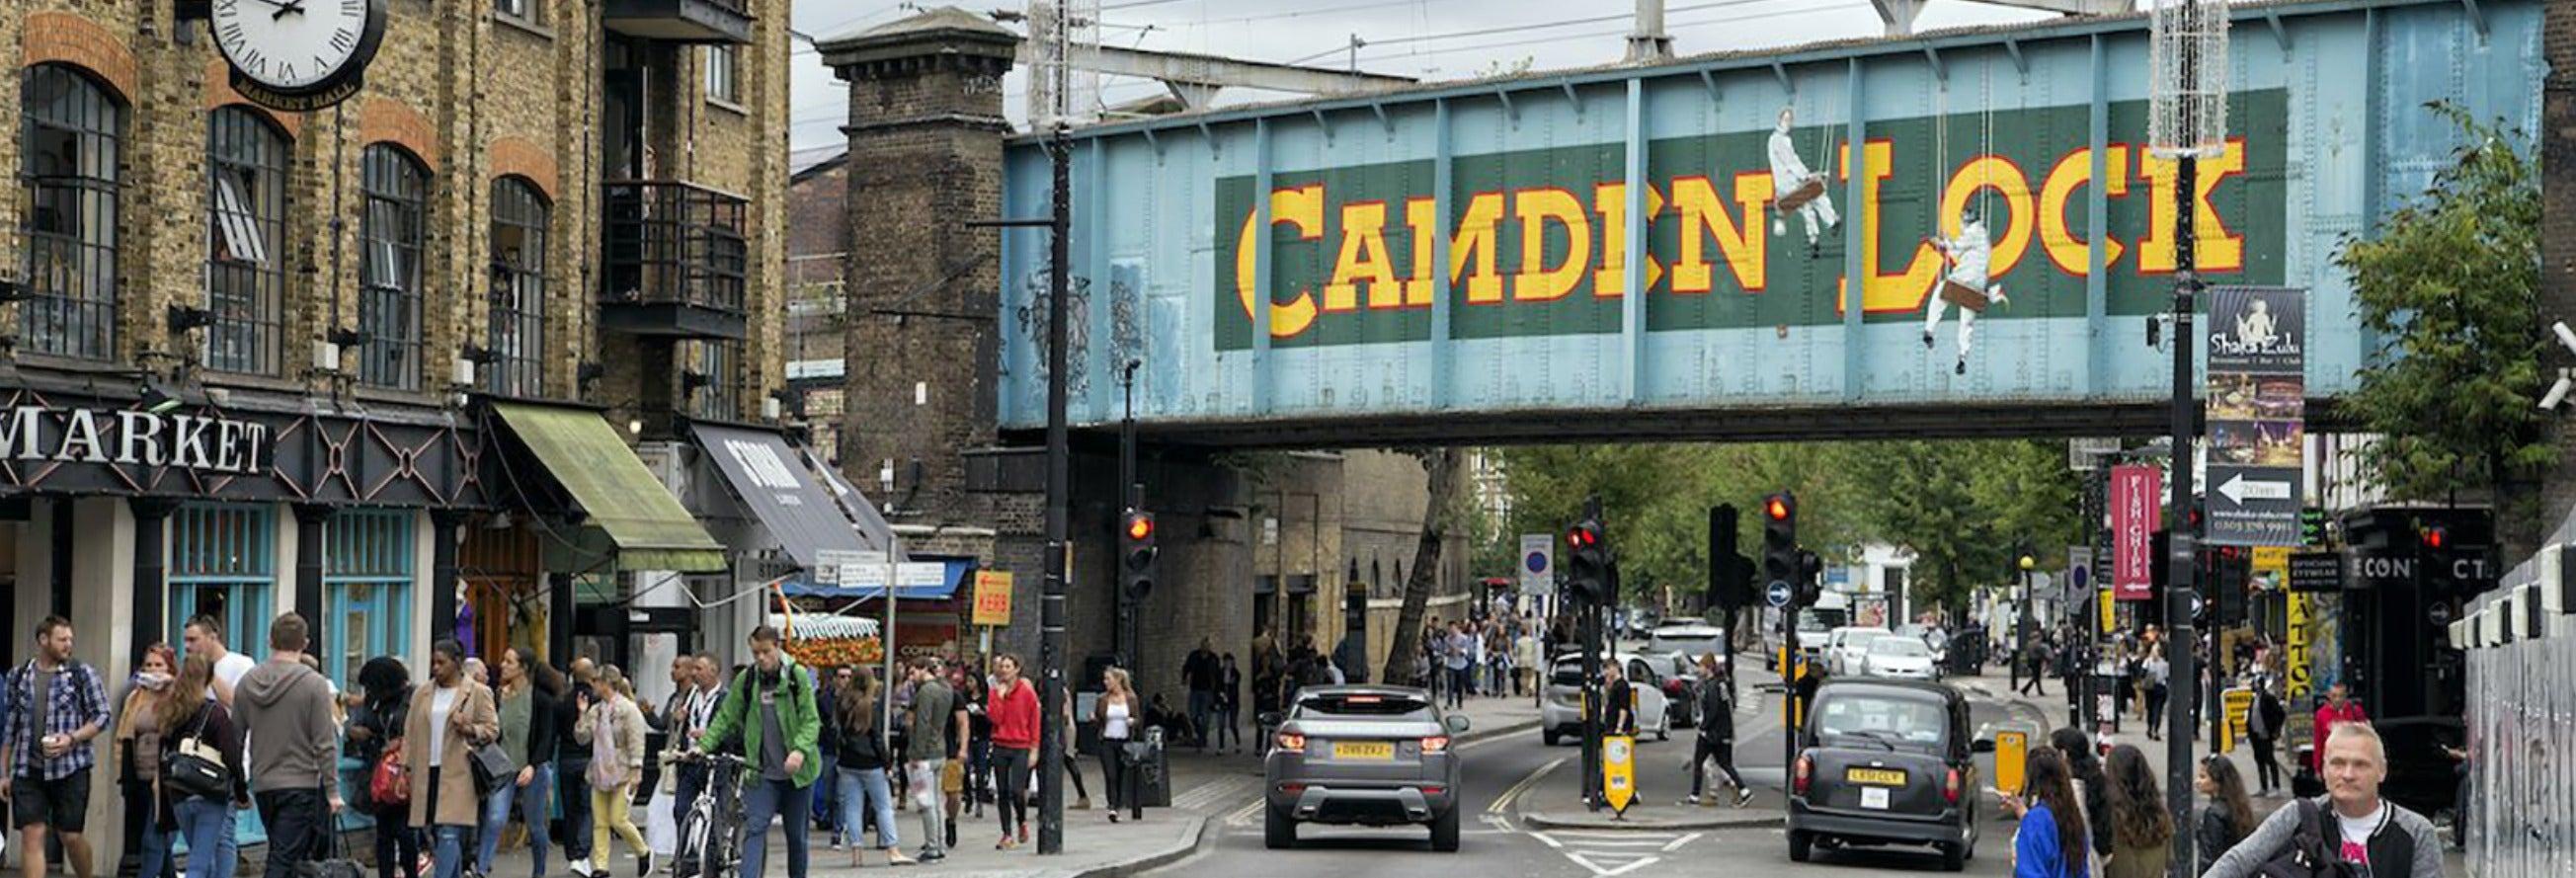 Visita guiada por Camden Town